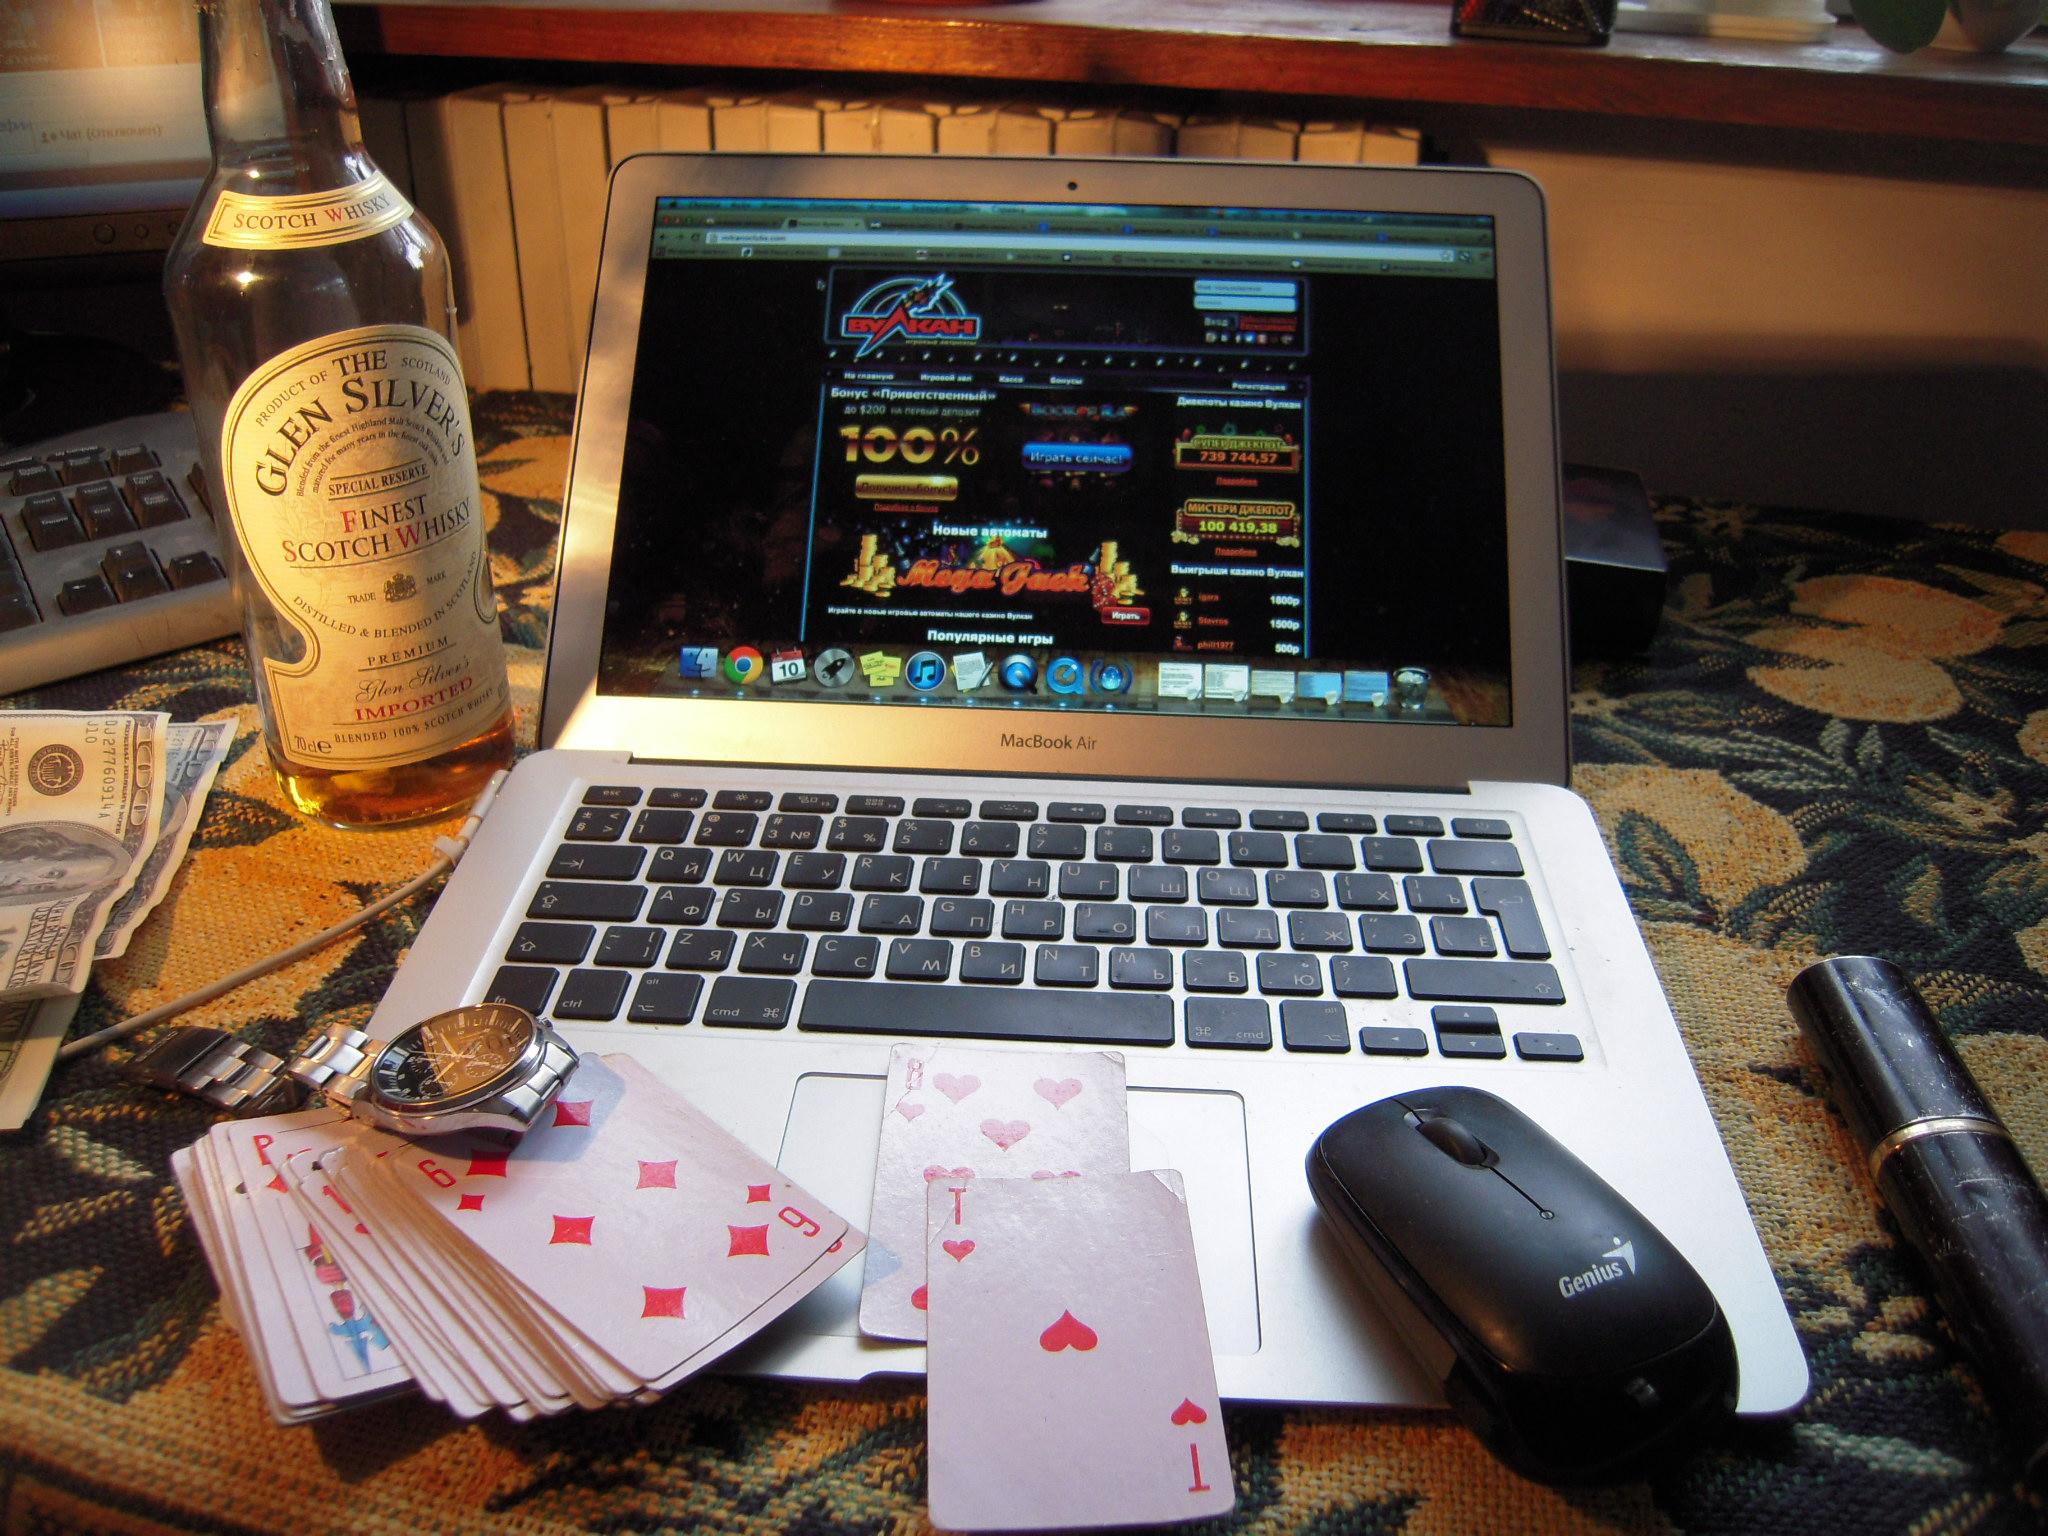 Inurl user азартные игры игровые автоматы играть бесплатно как играть в понос карты